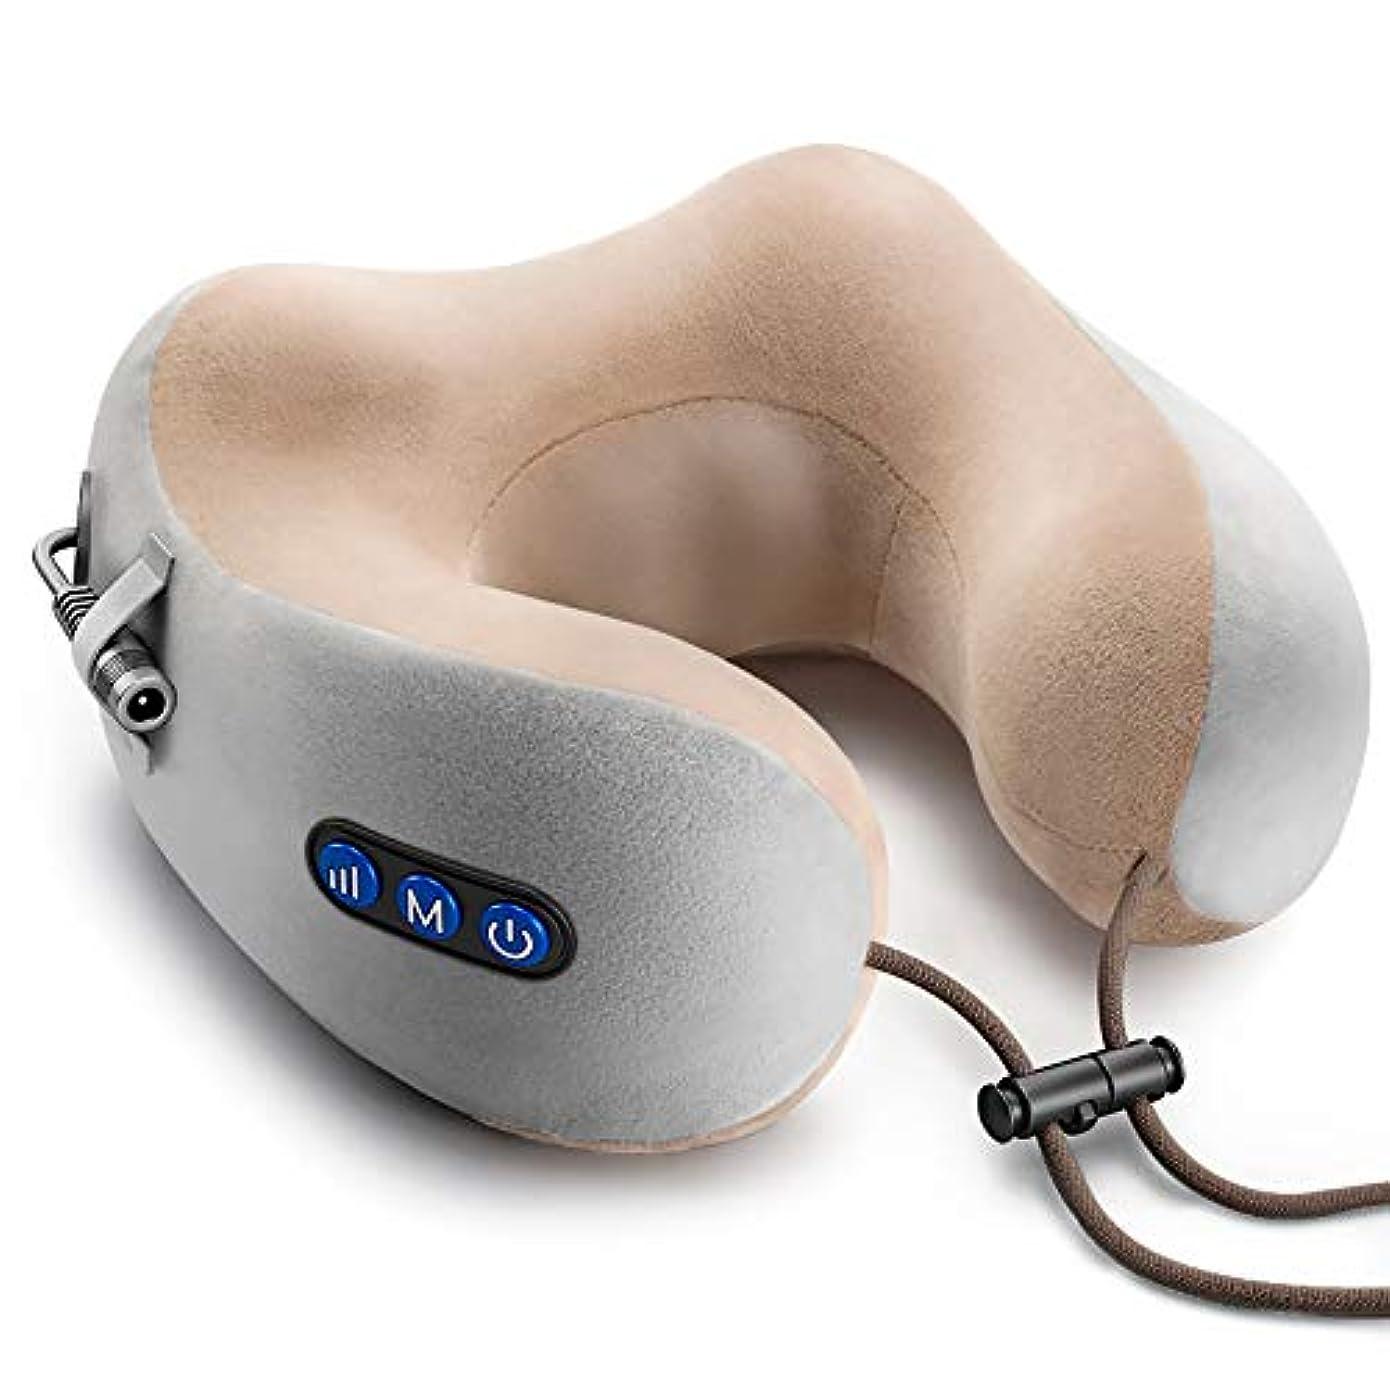 コンパスこする競合他社選手首マッサージャー ネックマッサージャー U型 USB充電式 3モード 低反発ネックマッサージピロー 自動オフ機能 肩こり ストレス解消 多機能 人間工学 日本語取扱説明書付 プレゼント